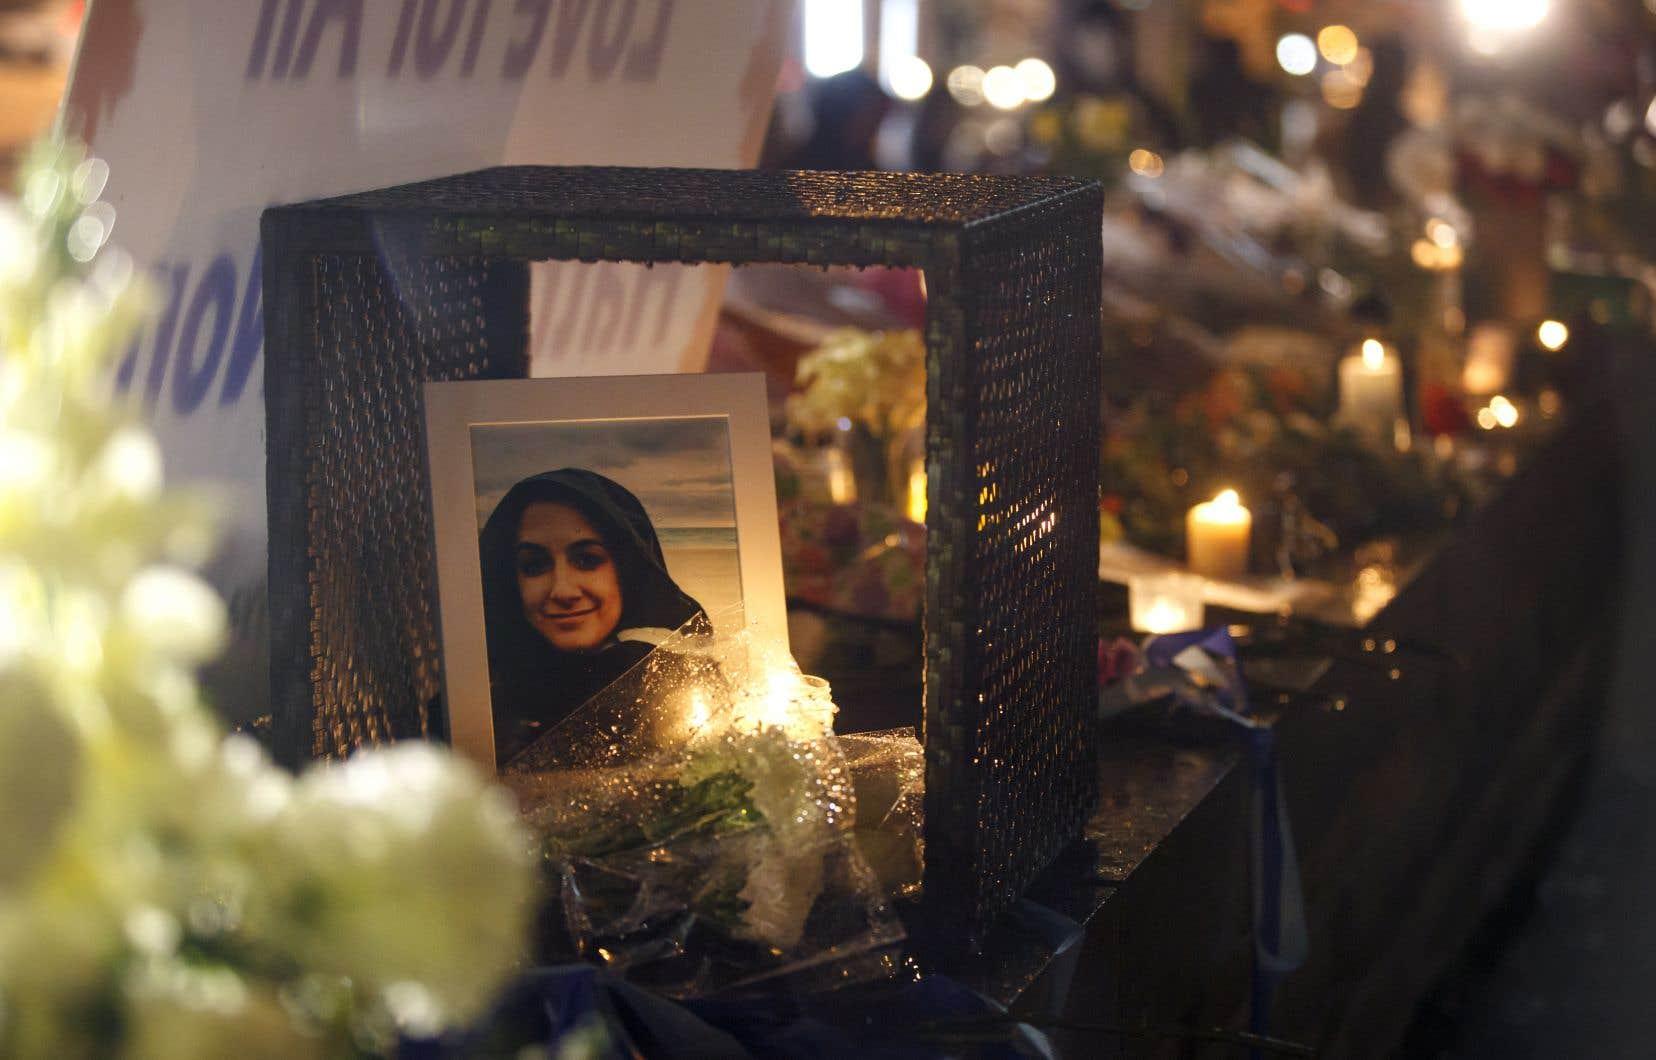 Une photo d'Anne Marie D'Amico, l'une des victimes, a été déposée au milieu des fleurs sur un lieu de recueillement.